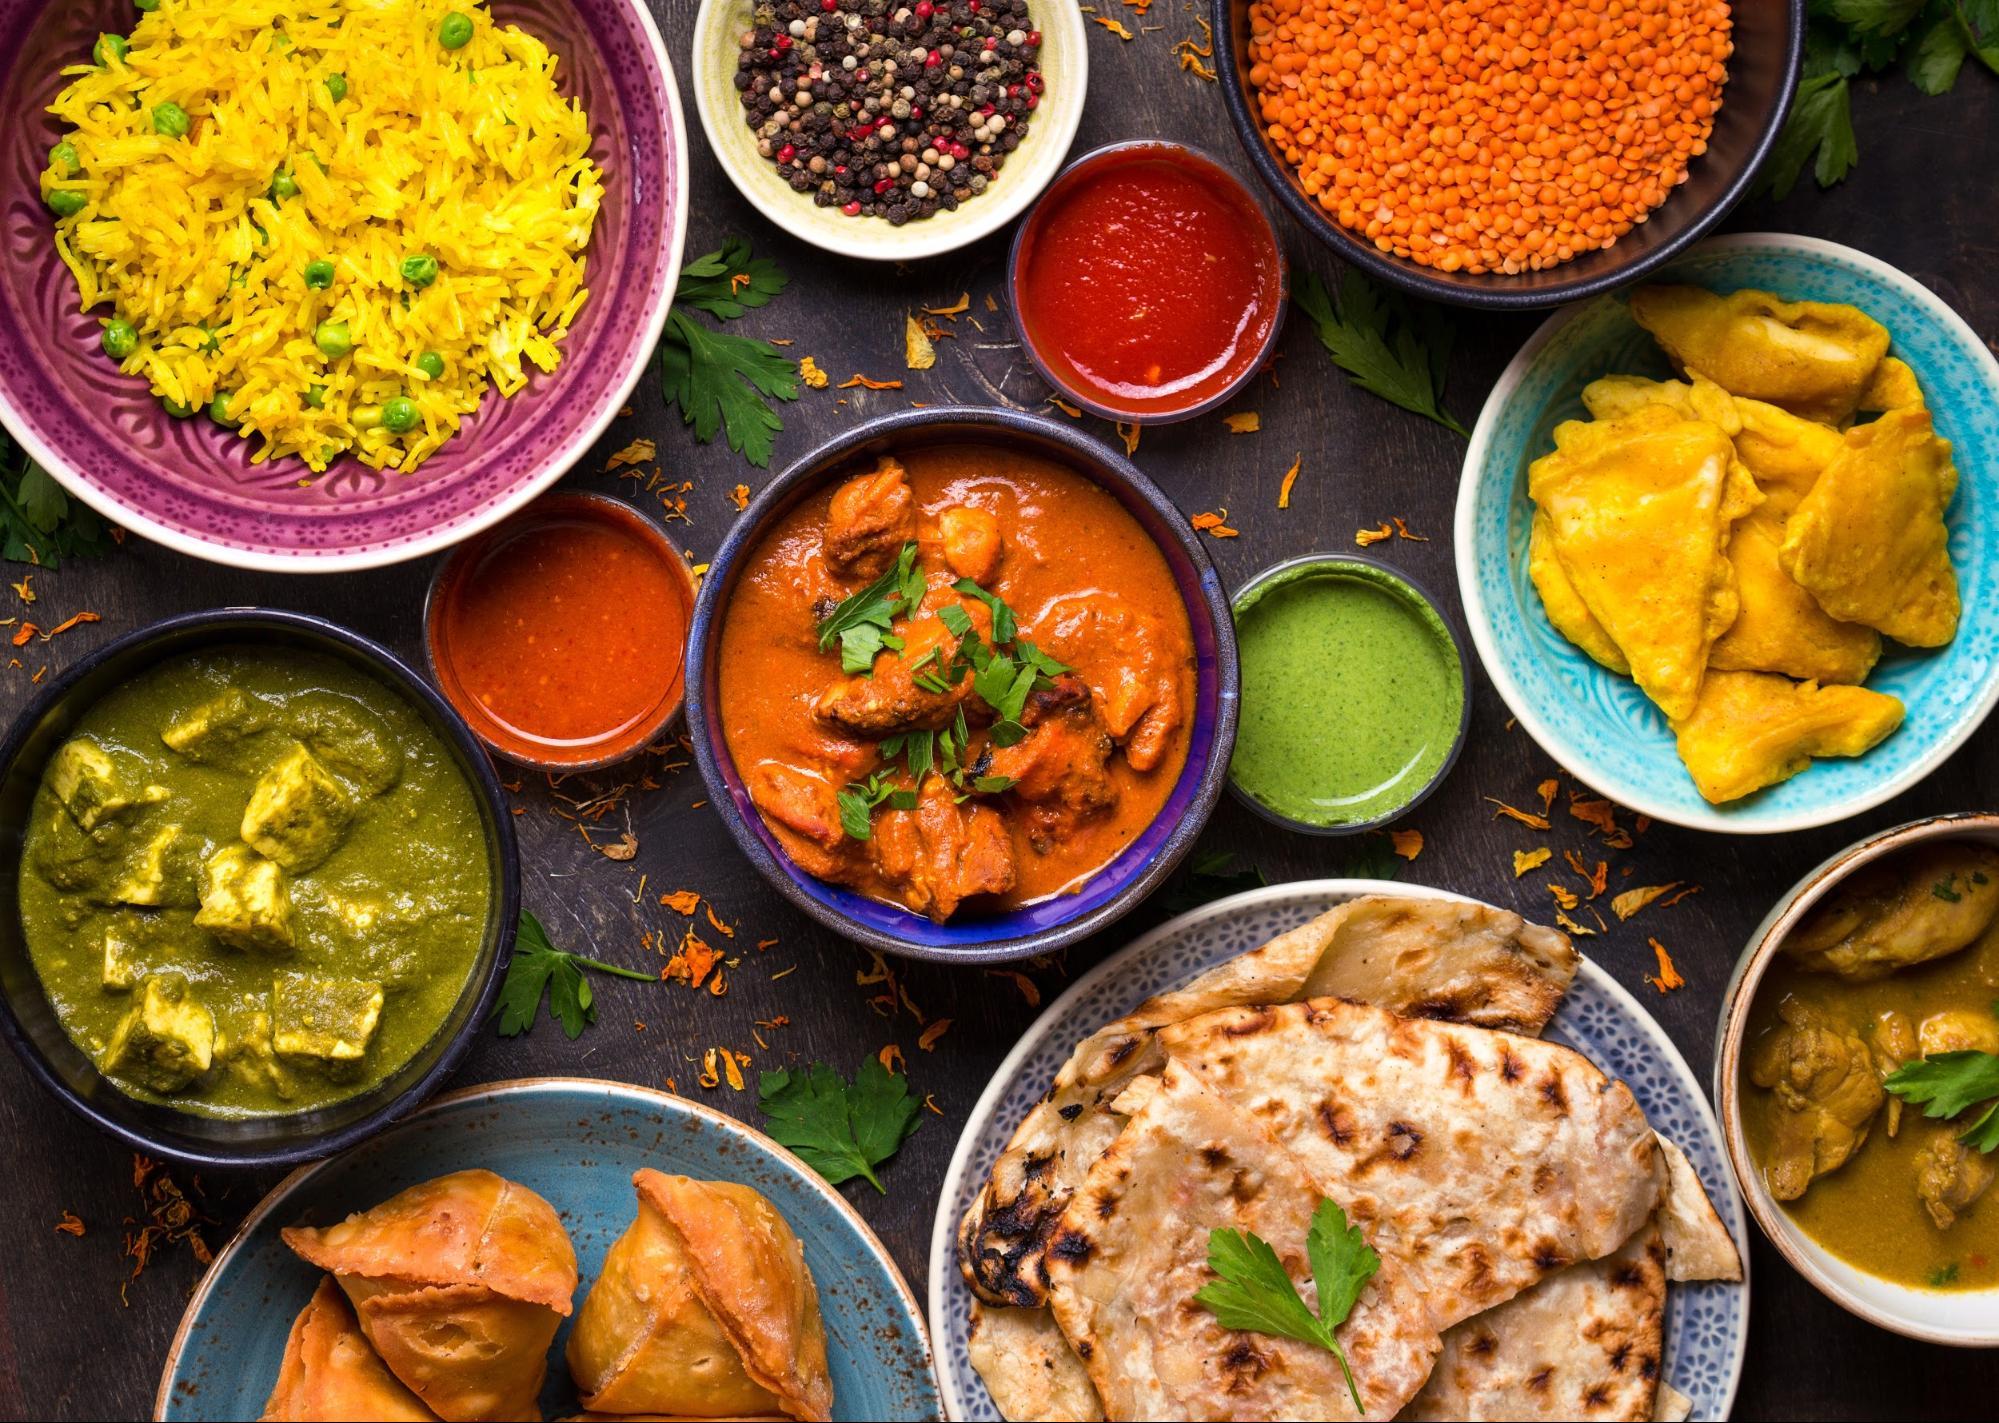 Design Regional Cuisine Ideas